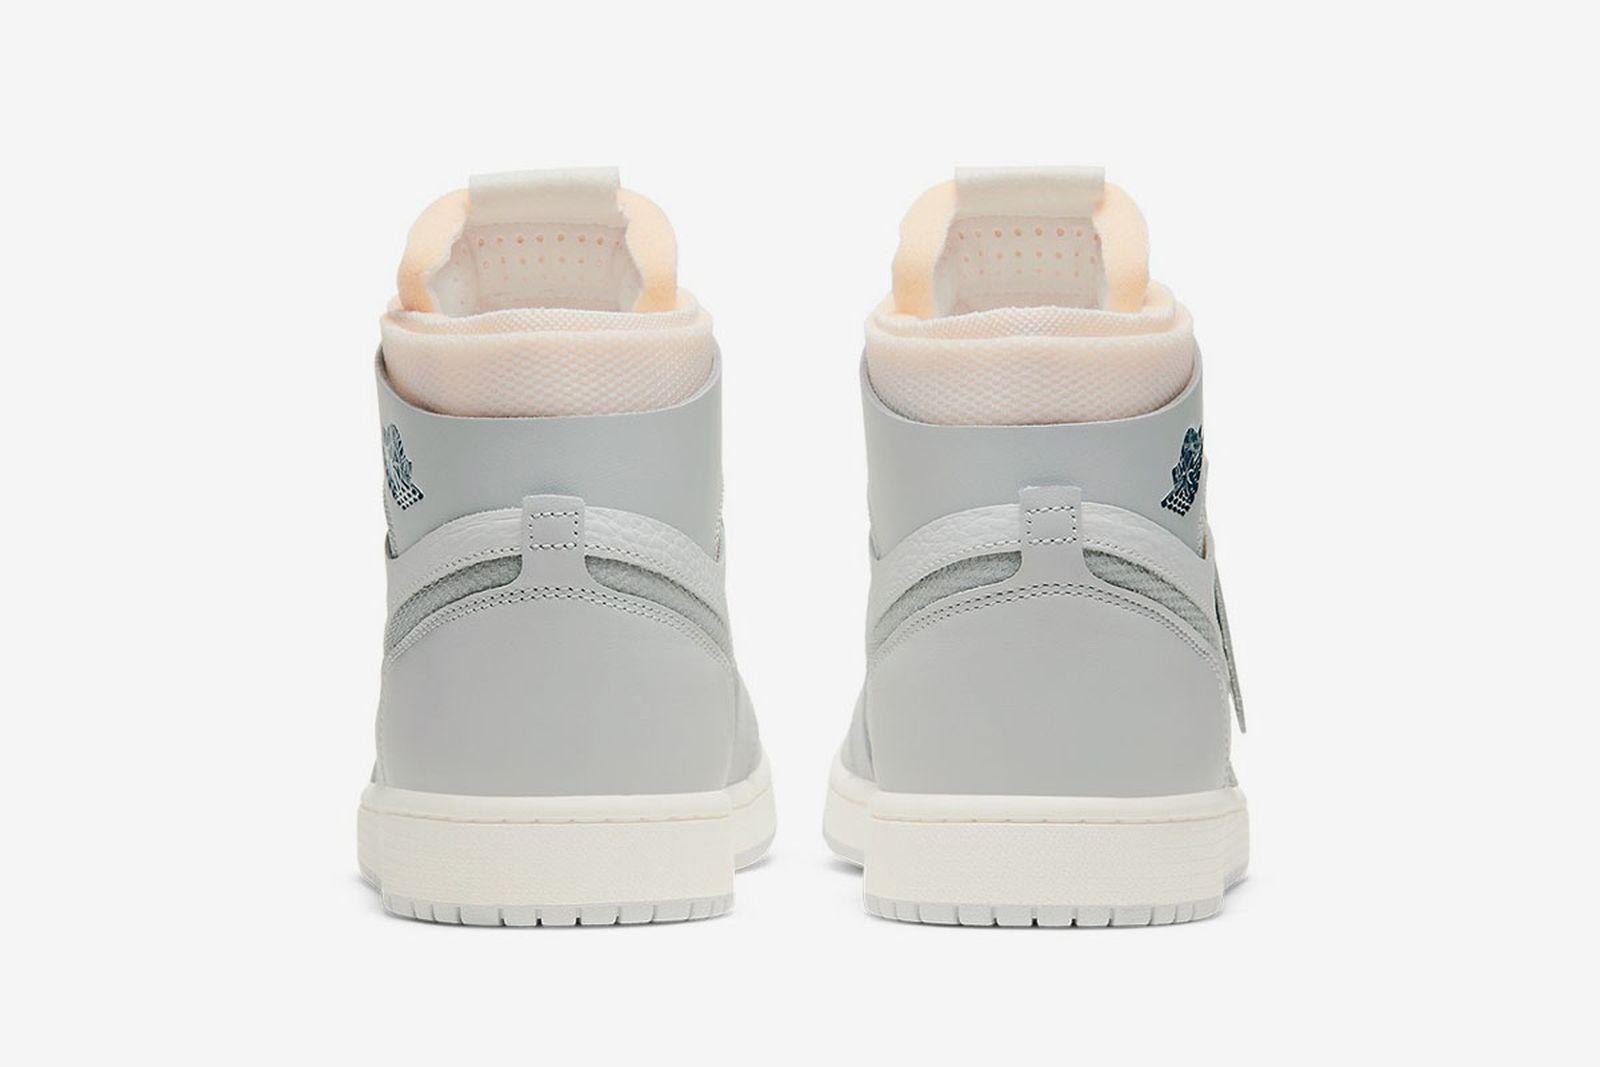 air-jordan-1-zoom-comfort-london-release-date-price-05